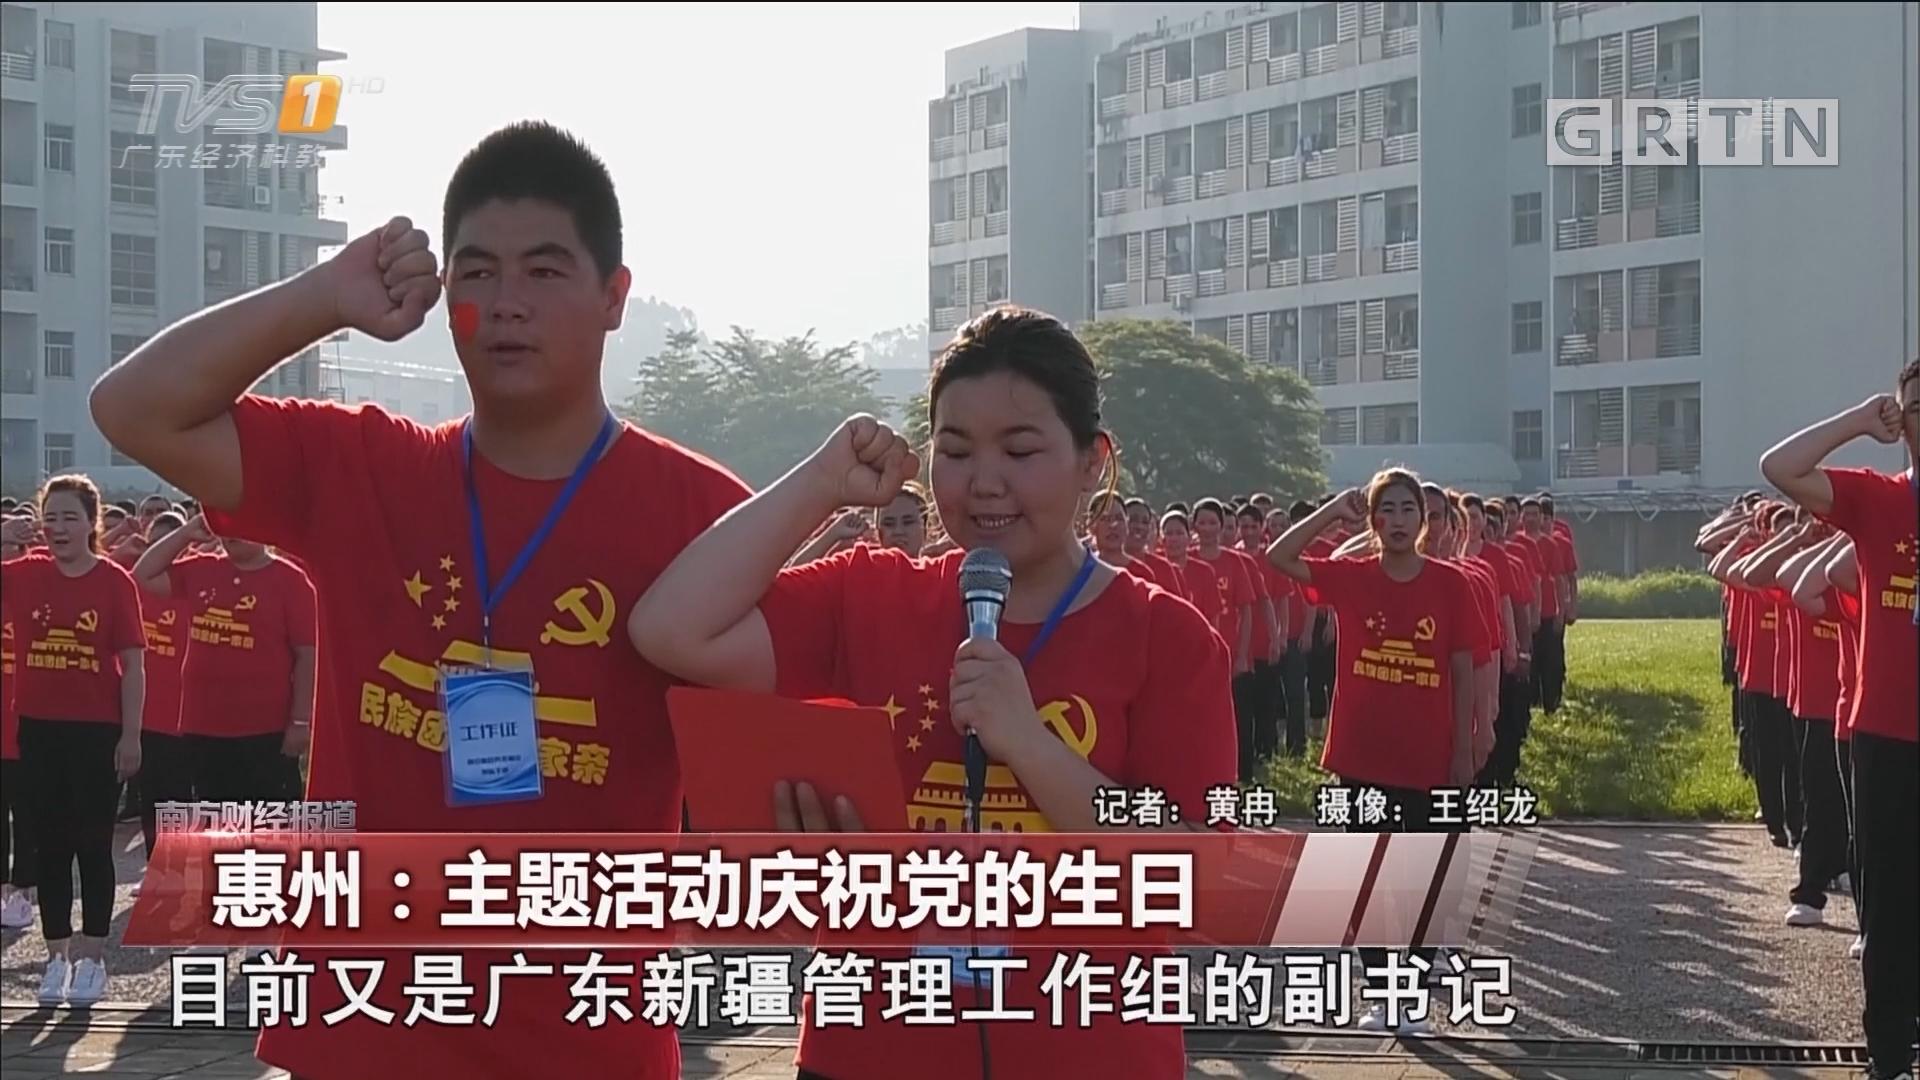 惠州:主题活动庆祝党的生日